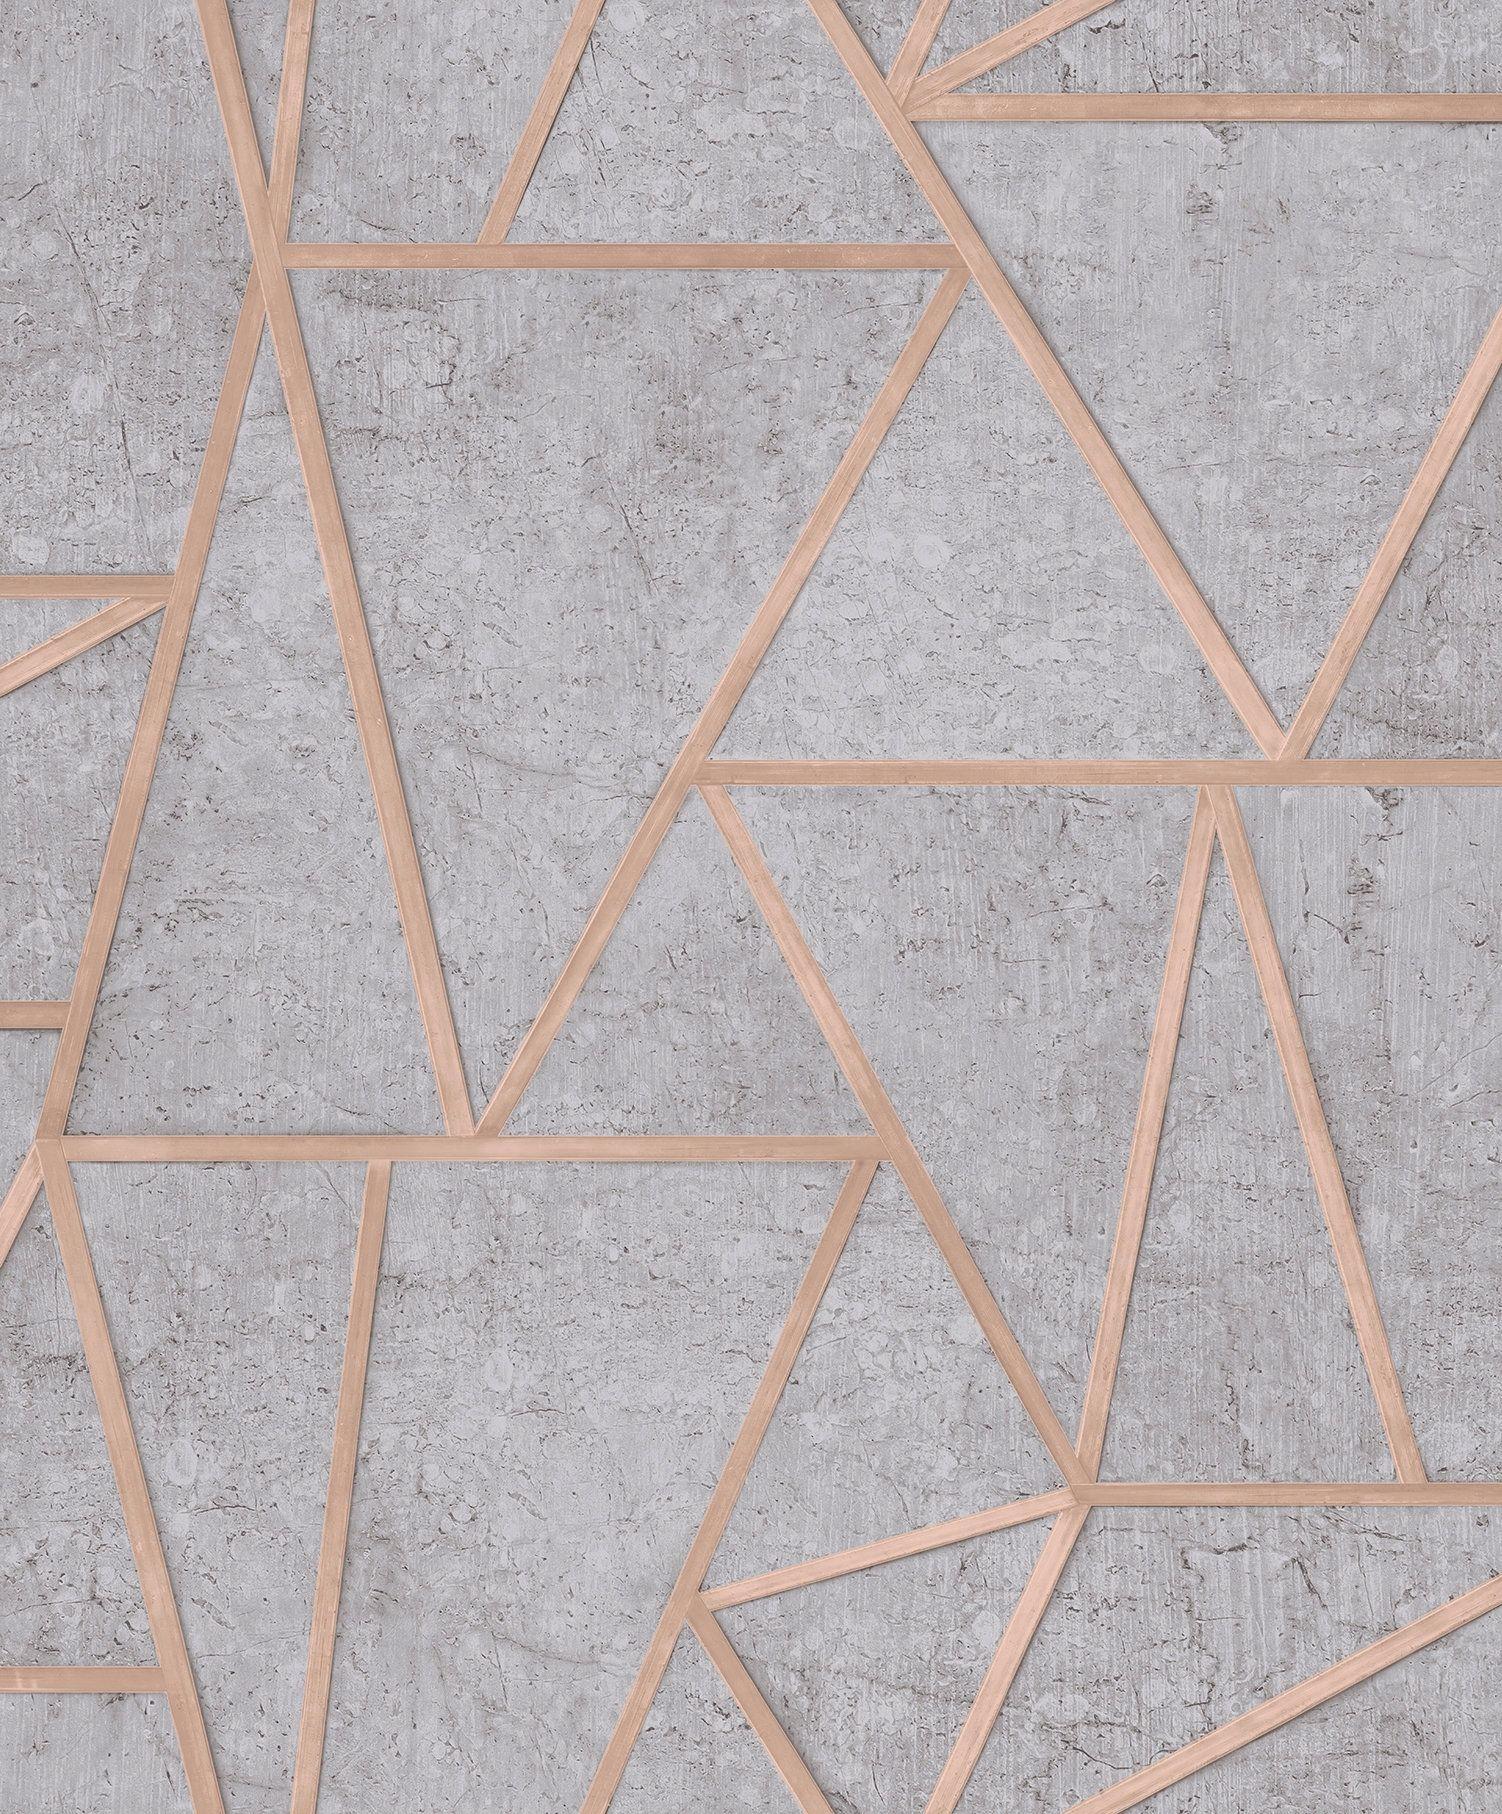 Tapeta Tapety Wzor Geometryczny Z Efektem 3d Szara Grey Wallpaper Wall Coverings Pattern Wallpaper